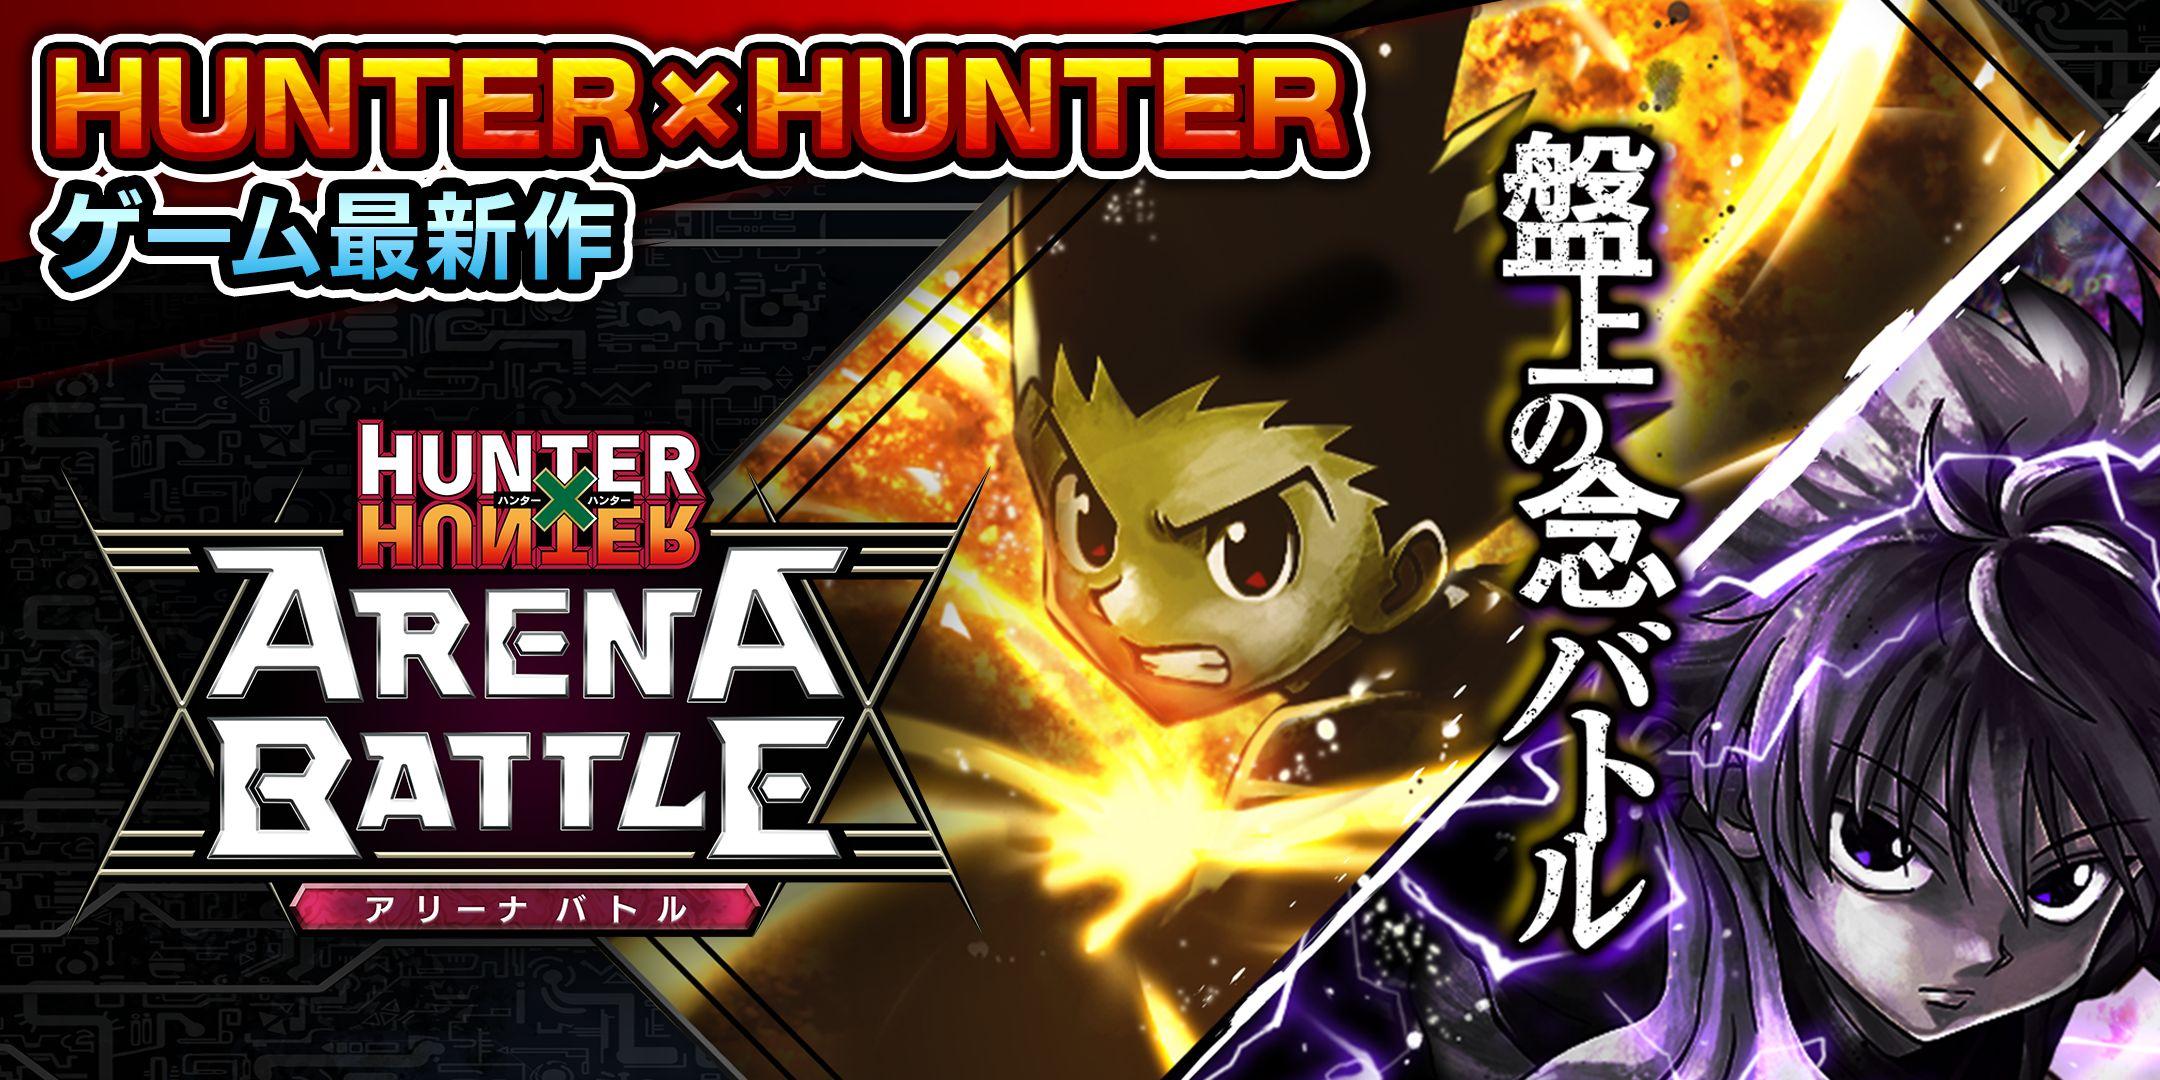 全职猎人 Arena Battle(HUNTER×HUNTER Arena Battle) 游戏截图1